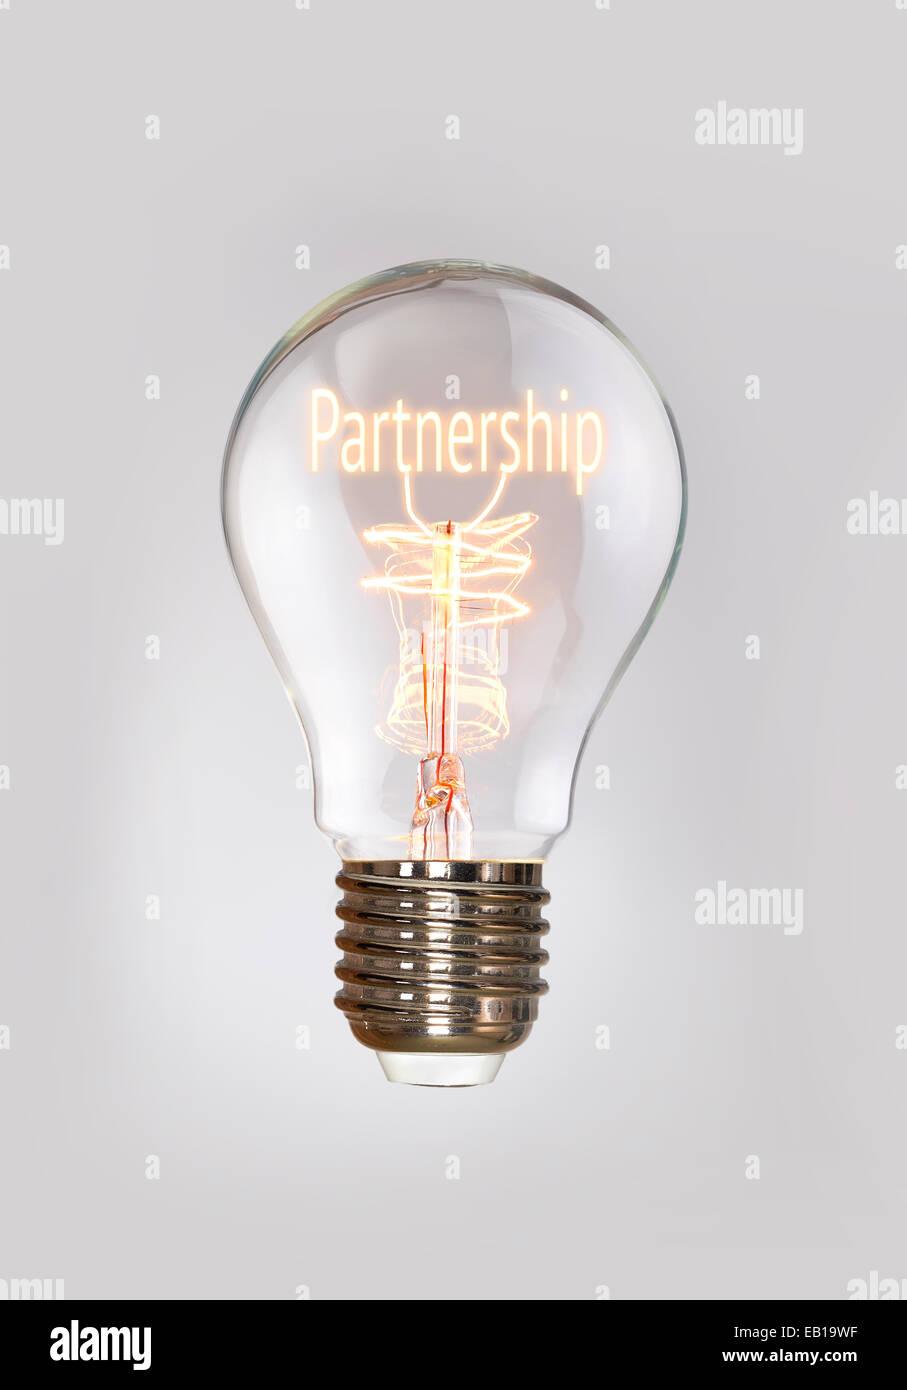 Das Konzept der Partnerschaft in einem Filament-Glühbirne. Stockbild